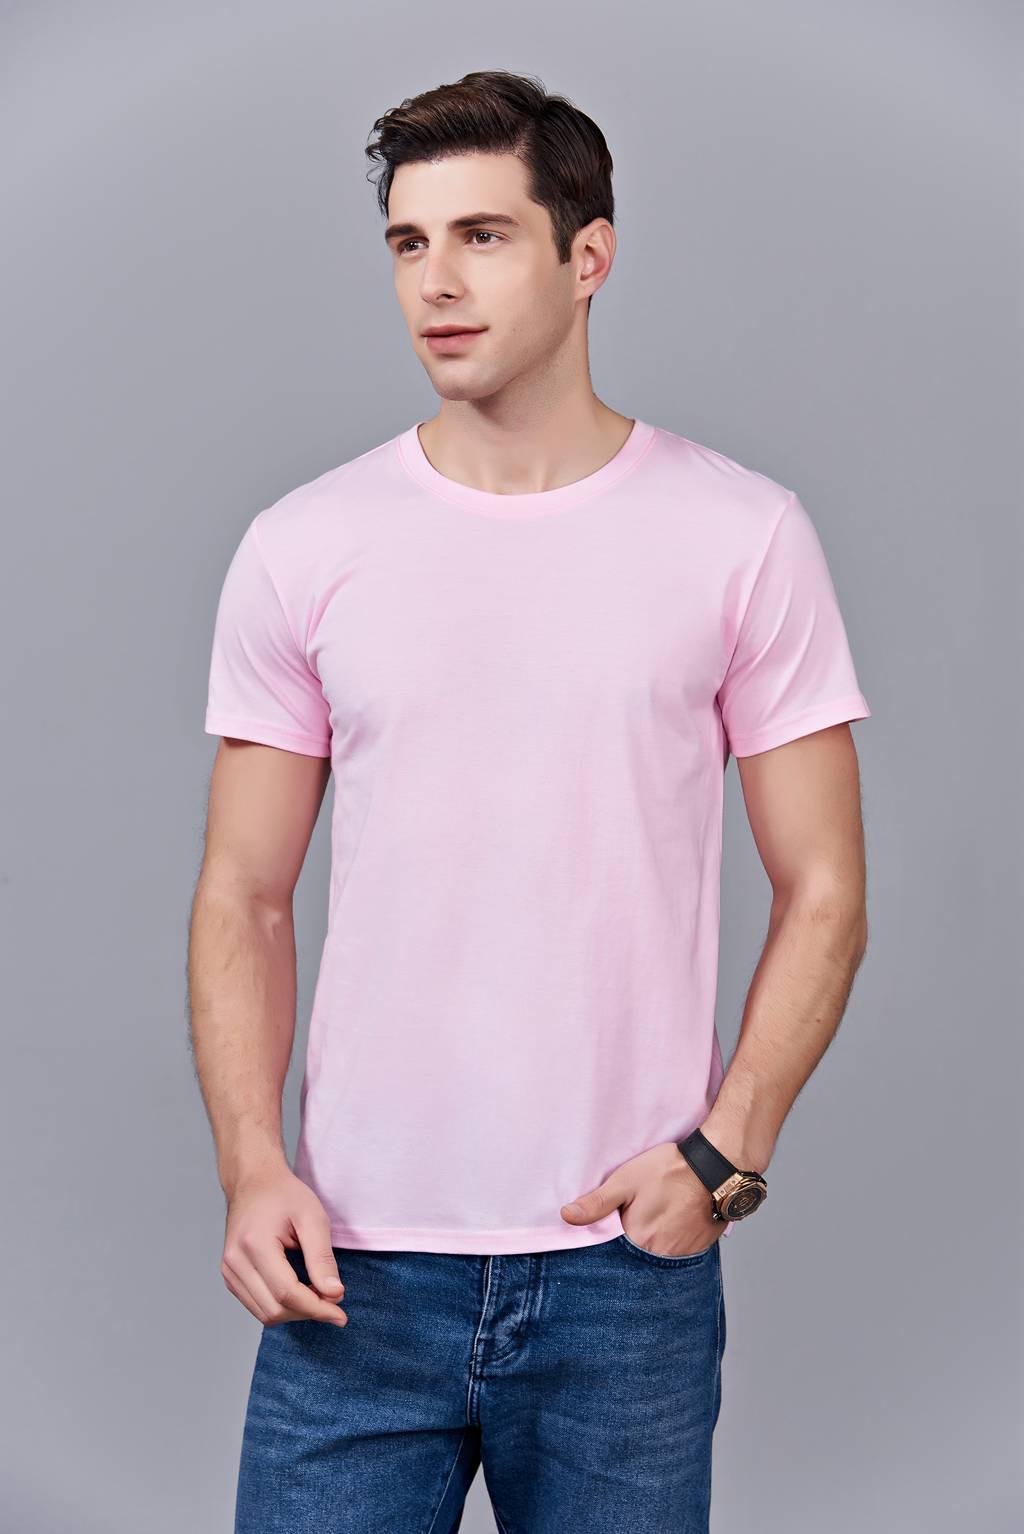 洋气百搭亲子装 半袖显瘦 速干圆领文化衫 春夏新品  粉色